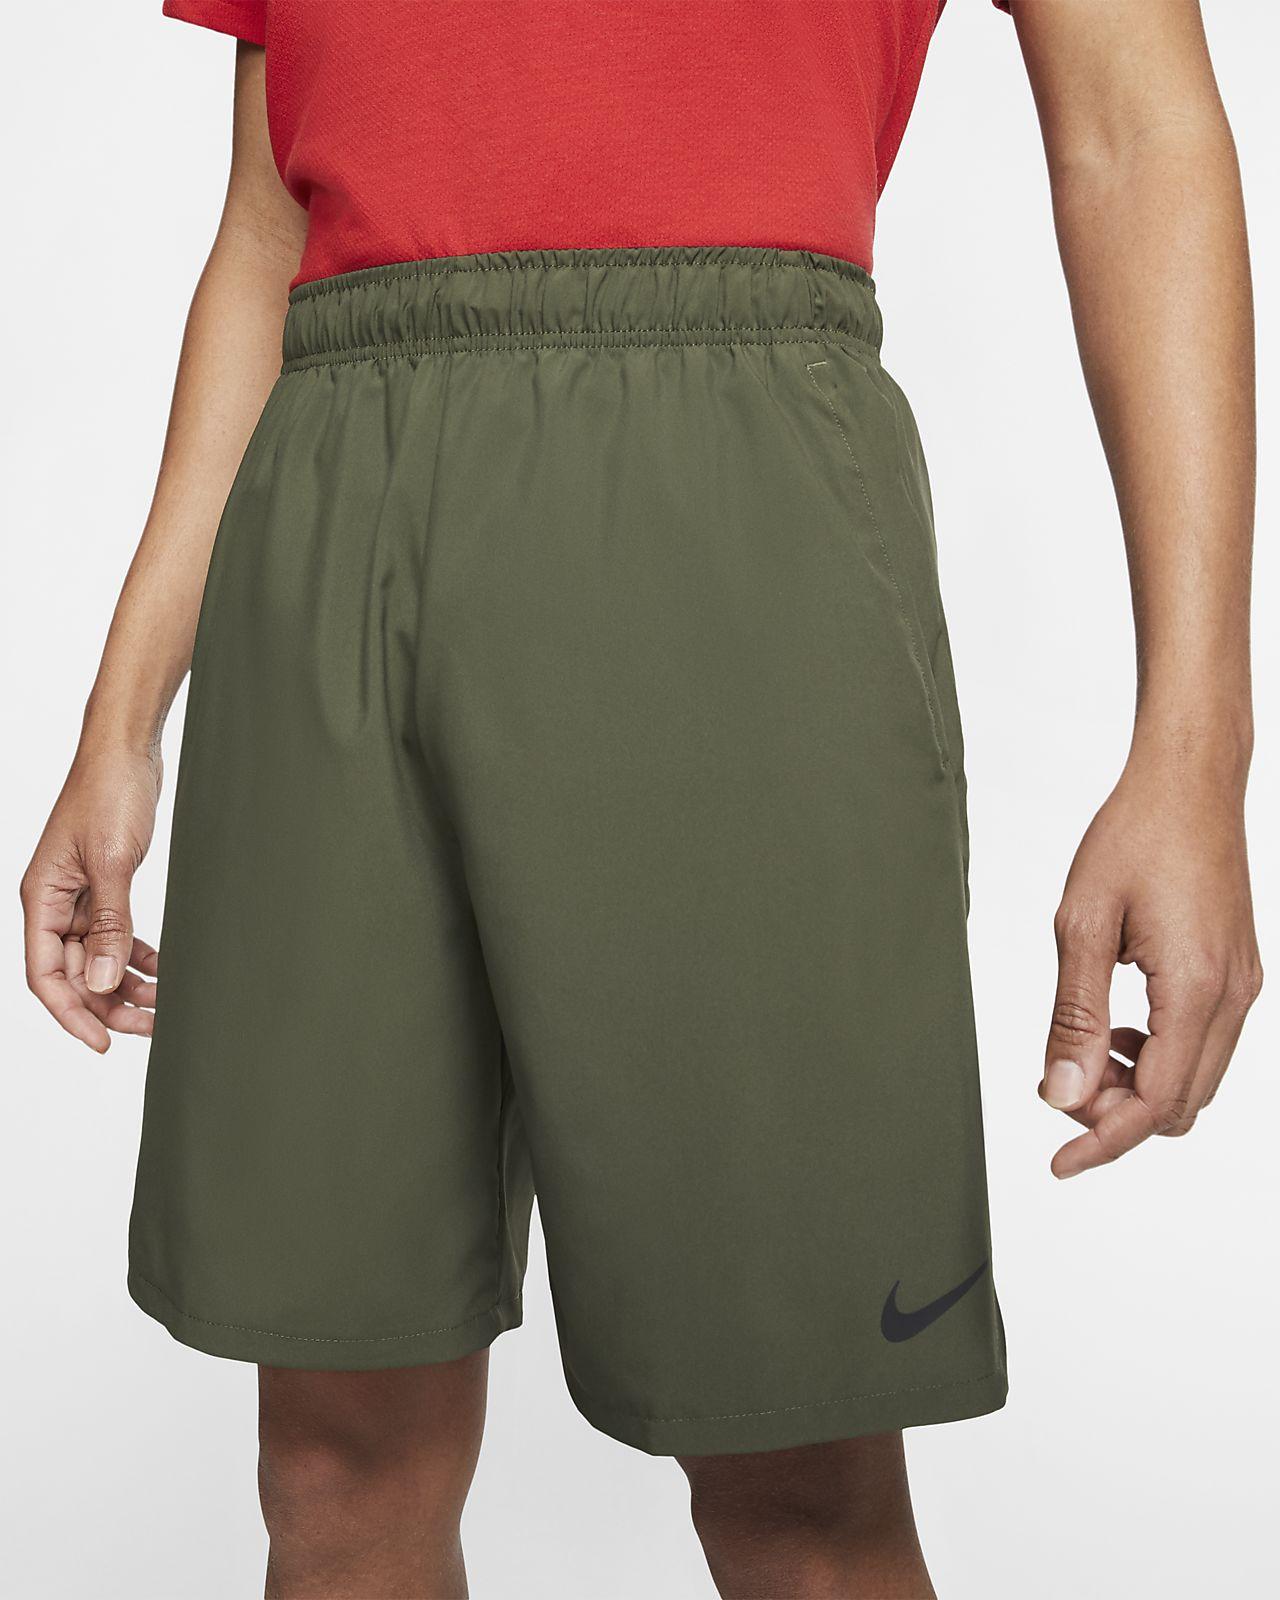 Ανδρικό υφαντό σορτς προπόνησης Nike Flex